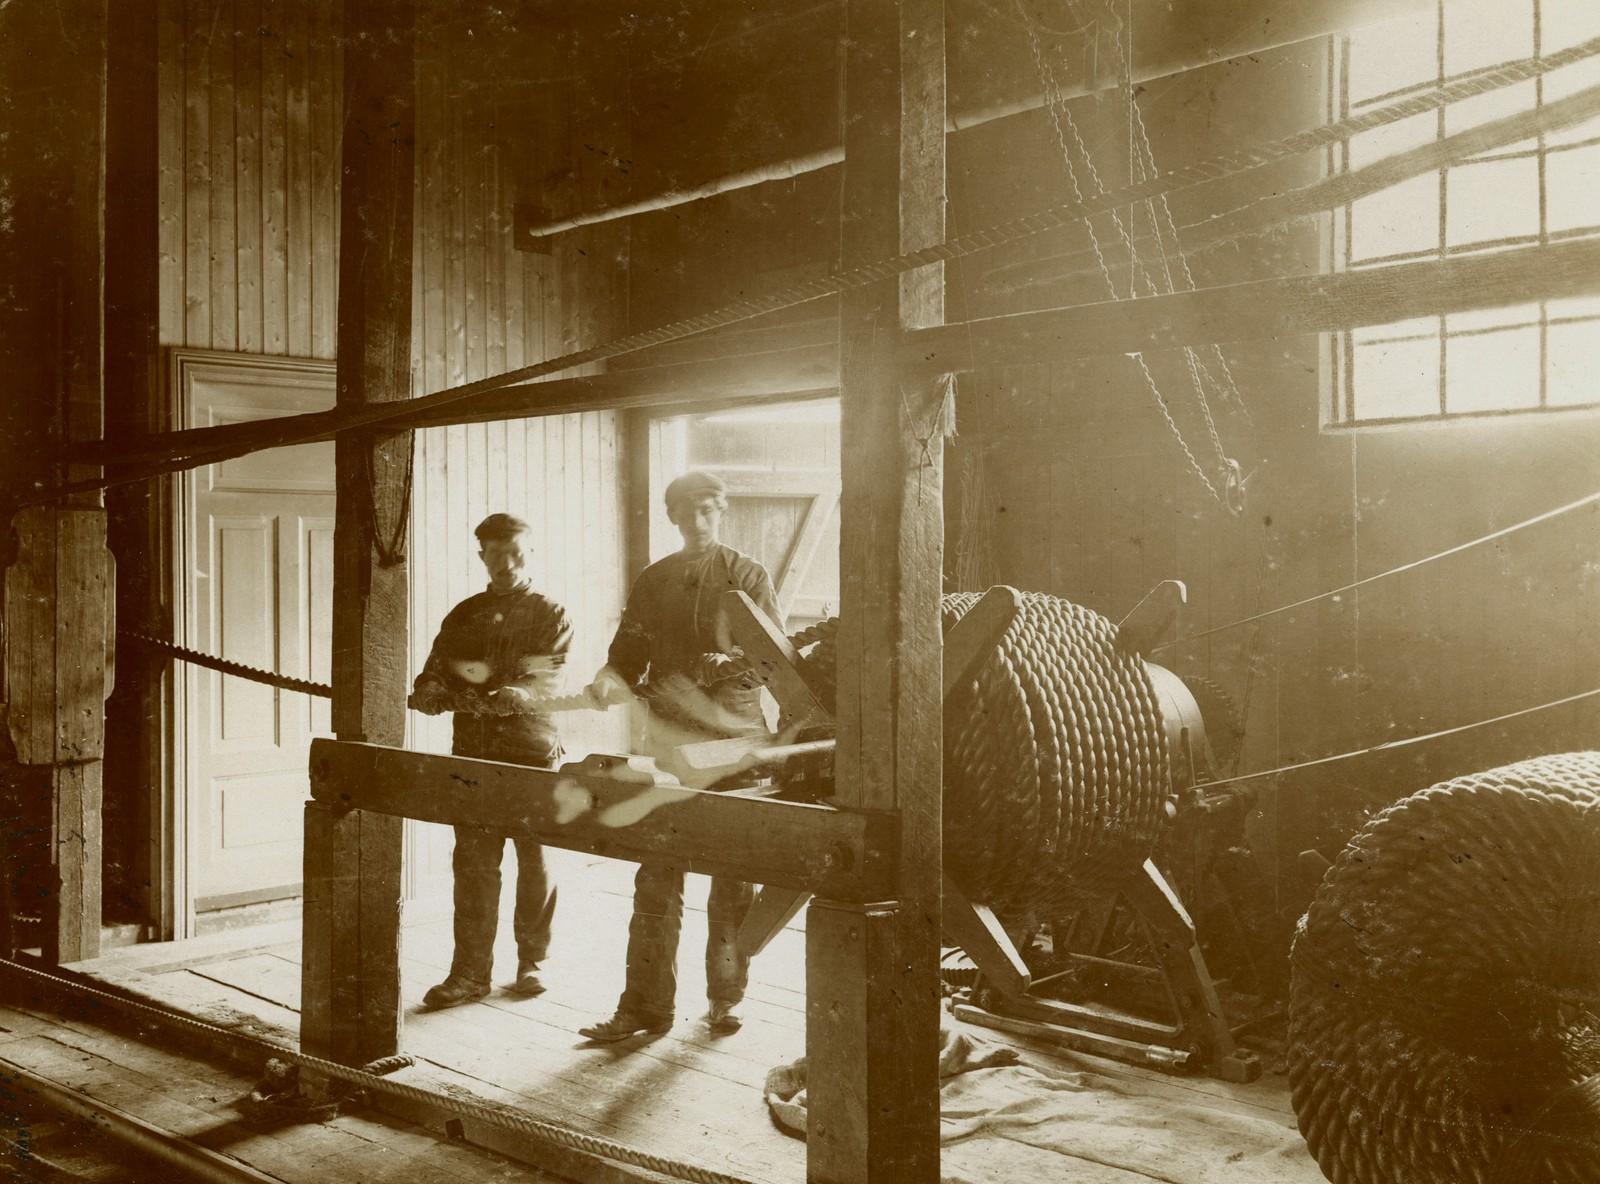 Taukveil. To menn i arbeid. 1910 (før brannen). Fotograf Th. Larsen.